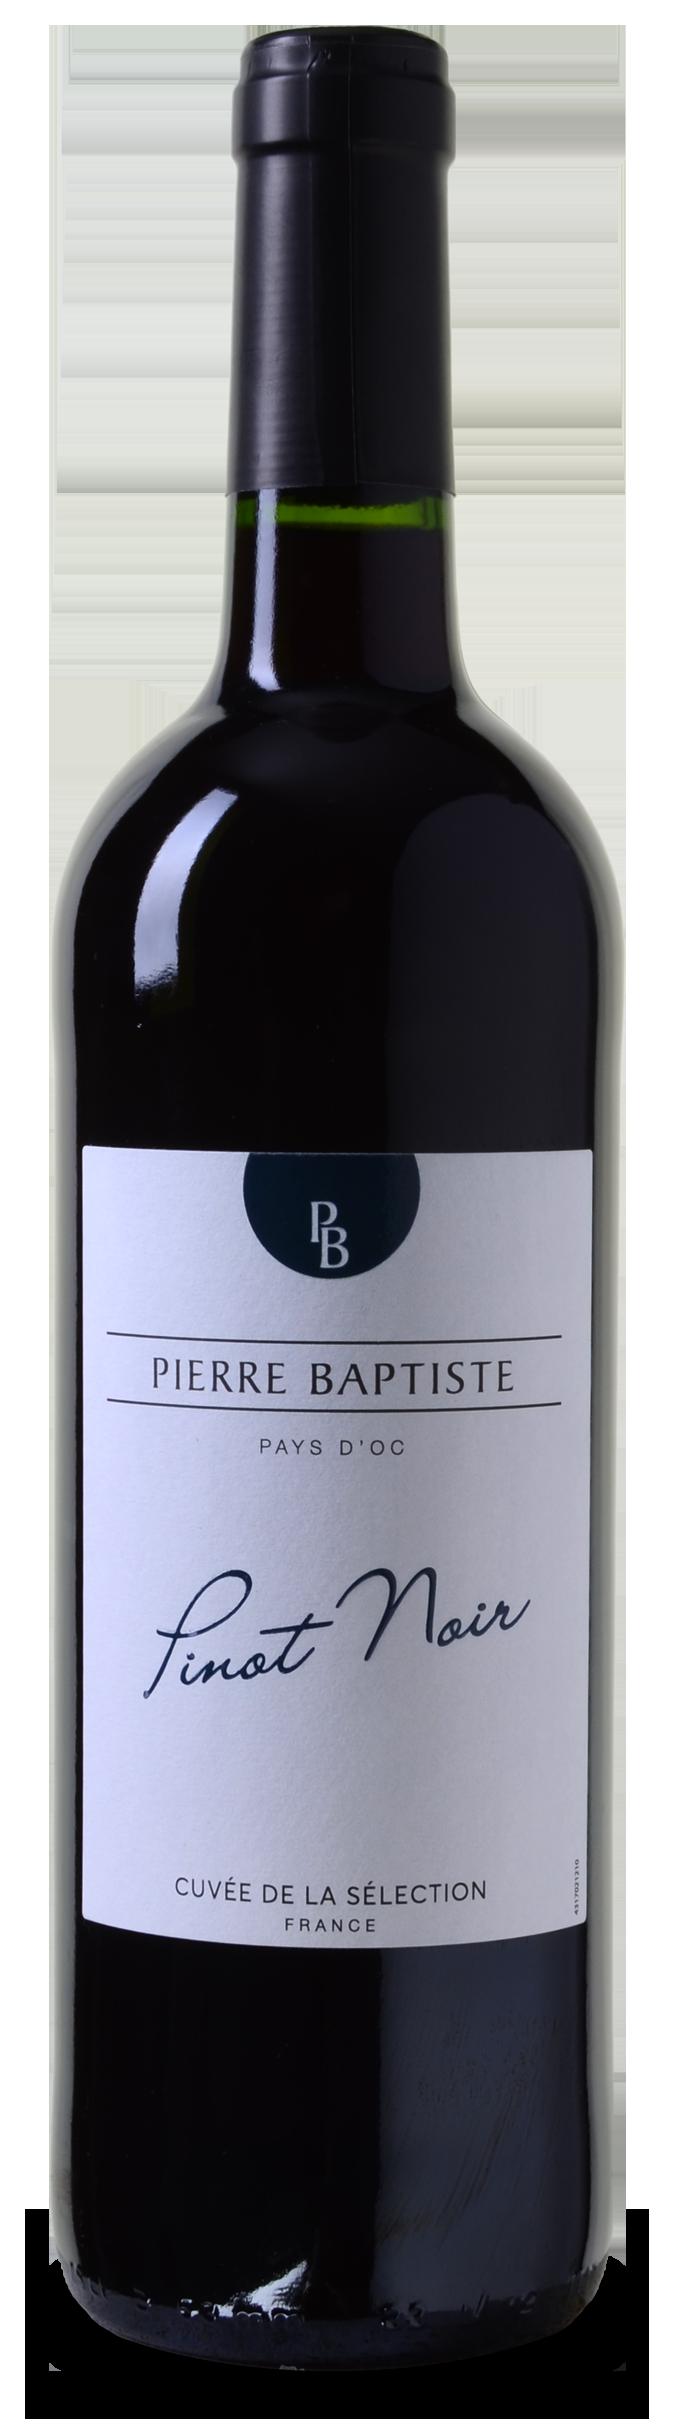 Pierre Baptiste Pinot Noir Cuvée de la Sélection Pays d'Oc